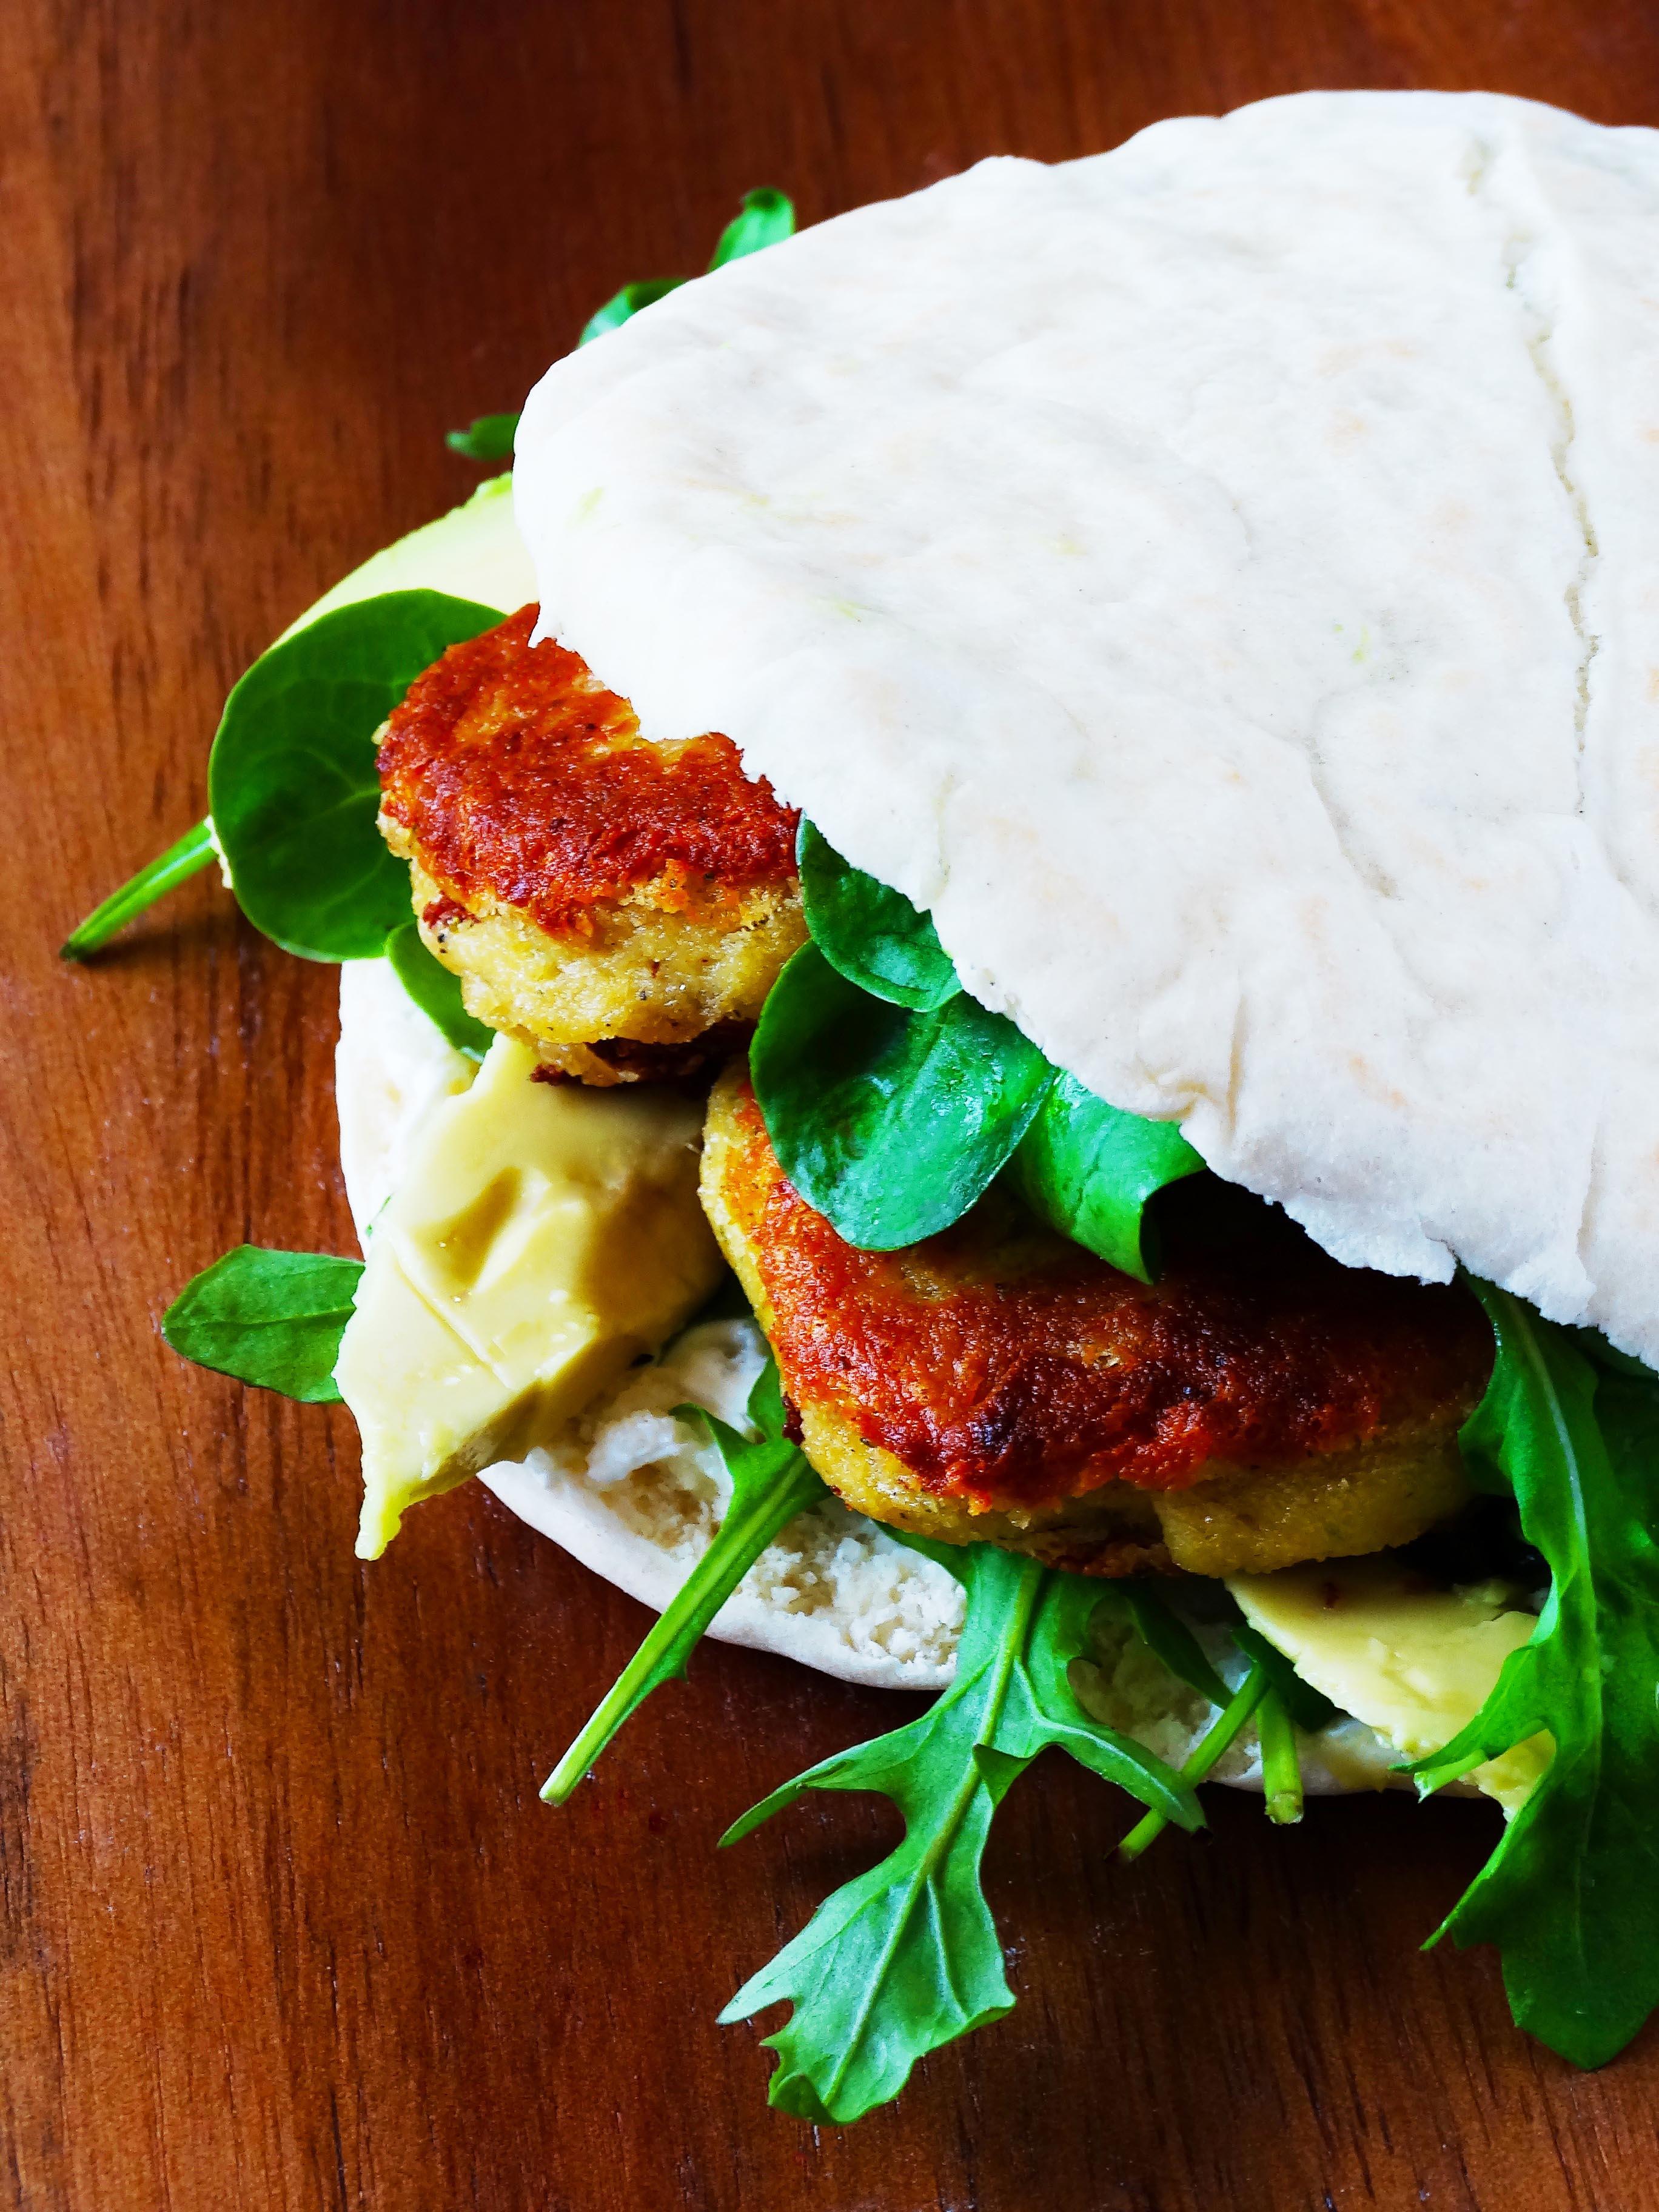 Dagen zonder vlees: inspiratie voor vegetarische recepten!